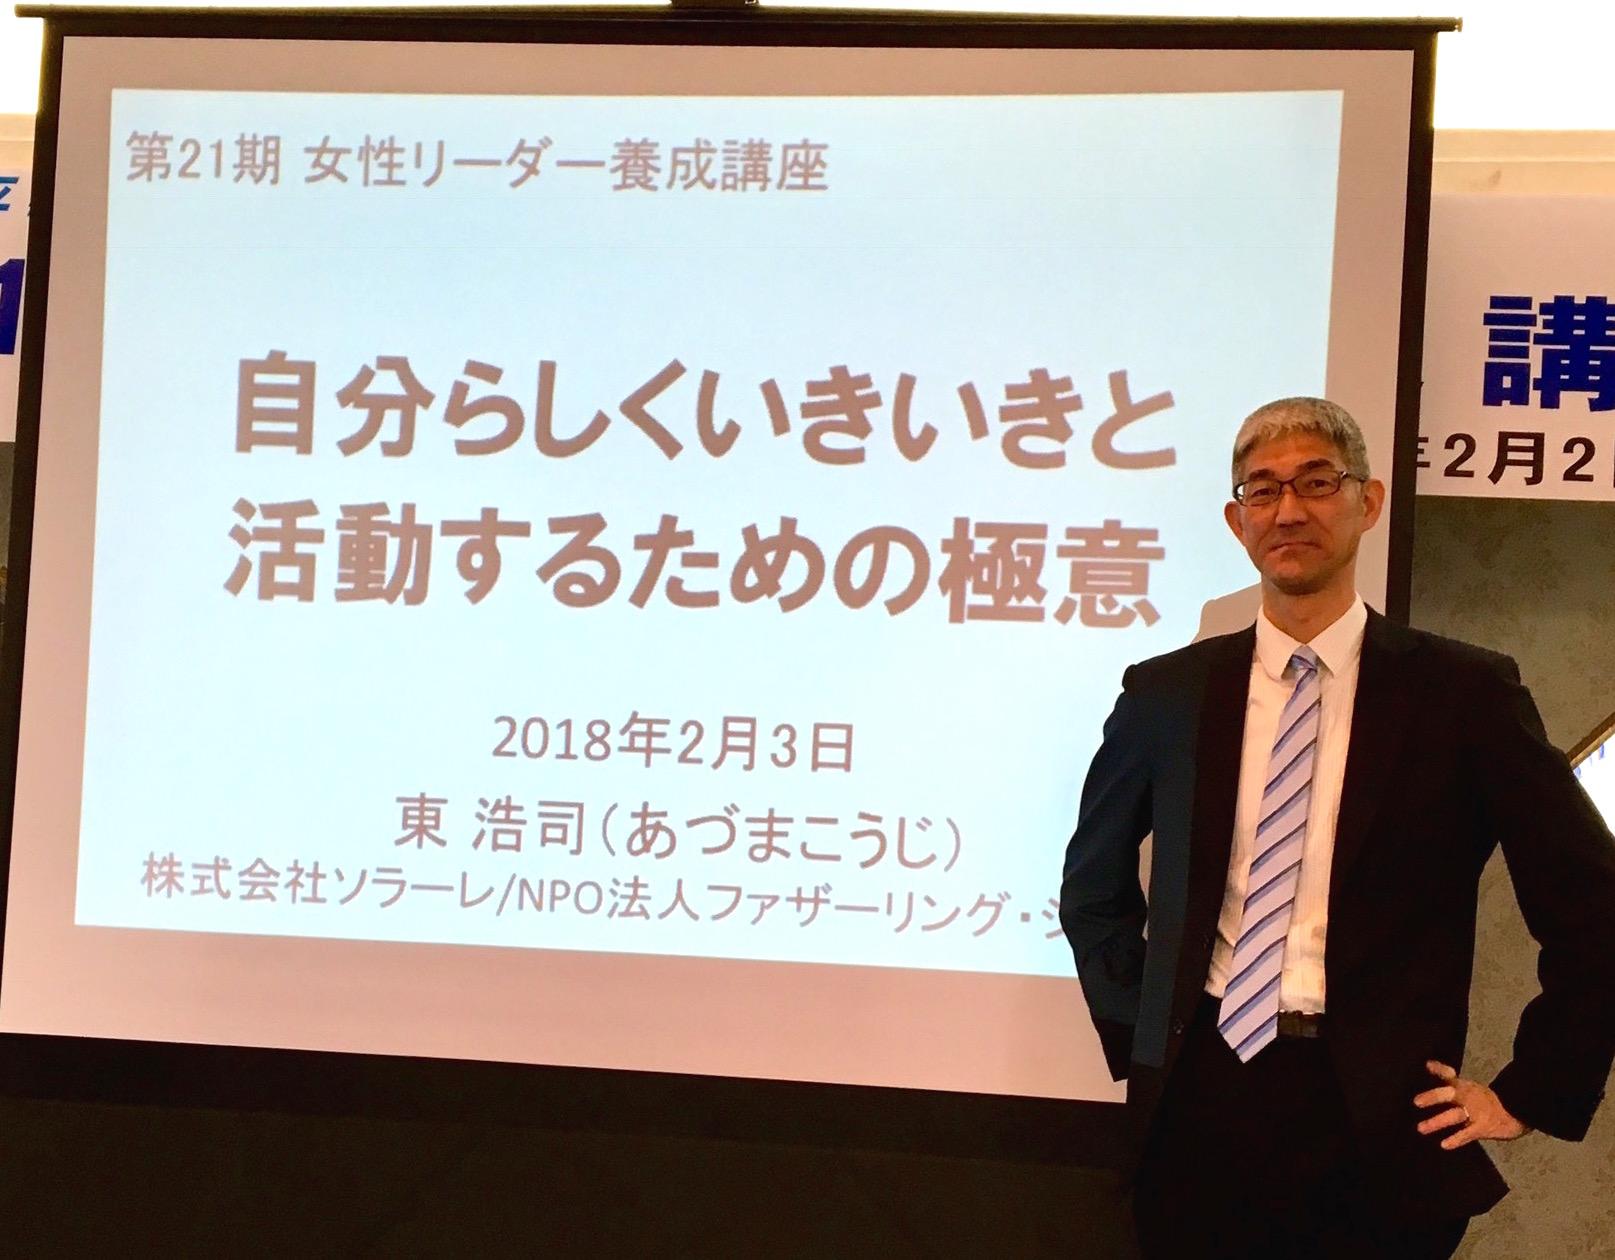 連合の女性リーダー養成講座を大阪で